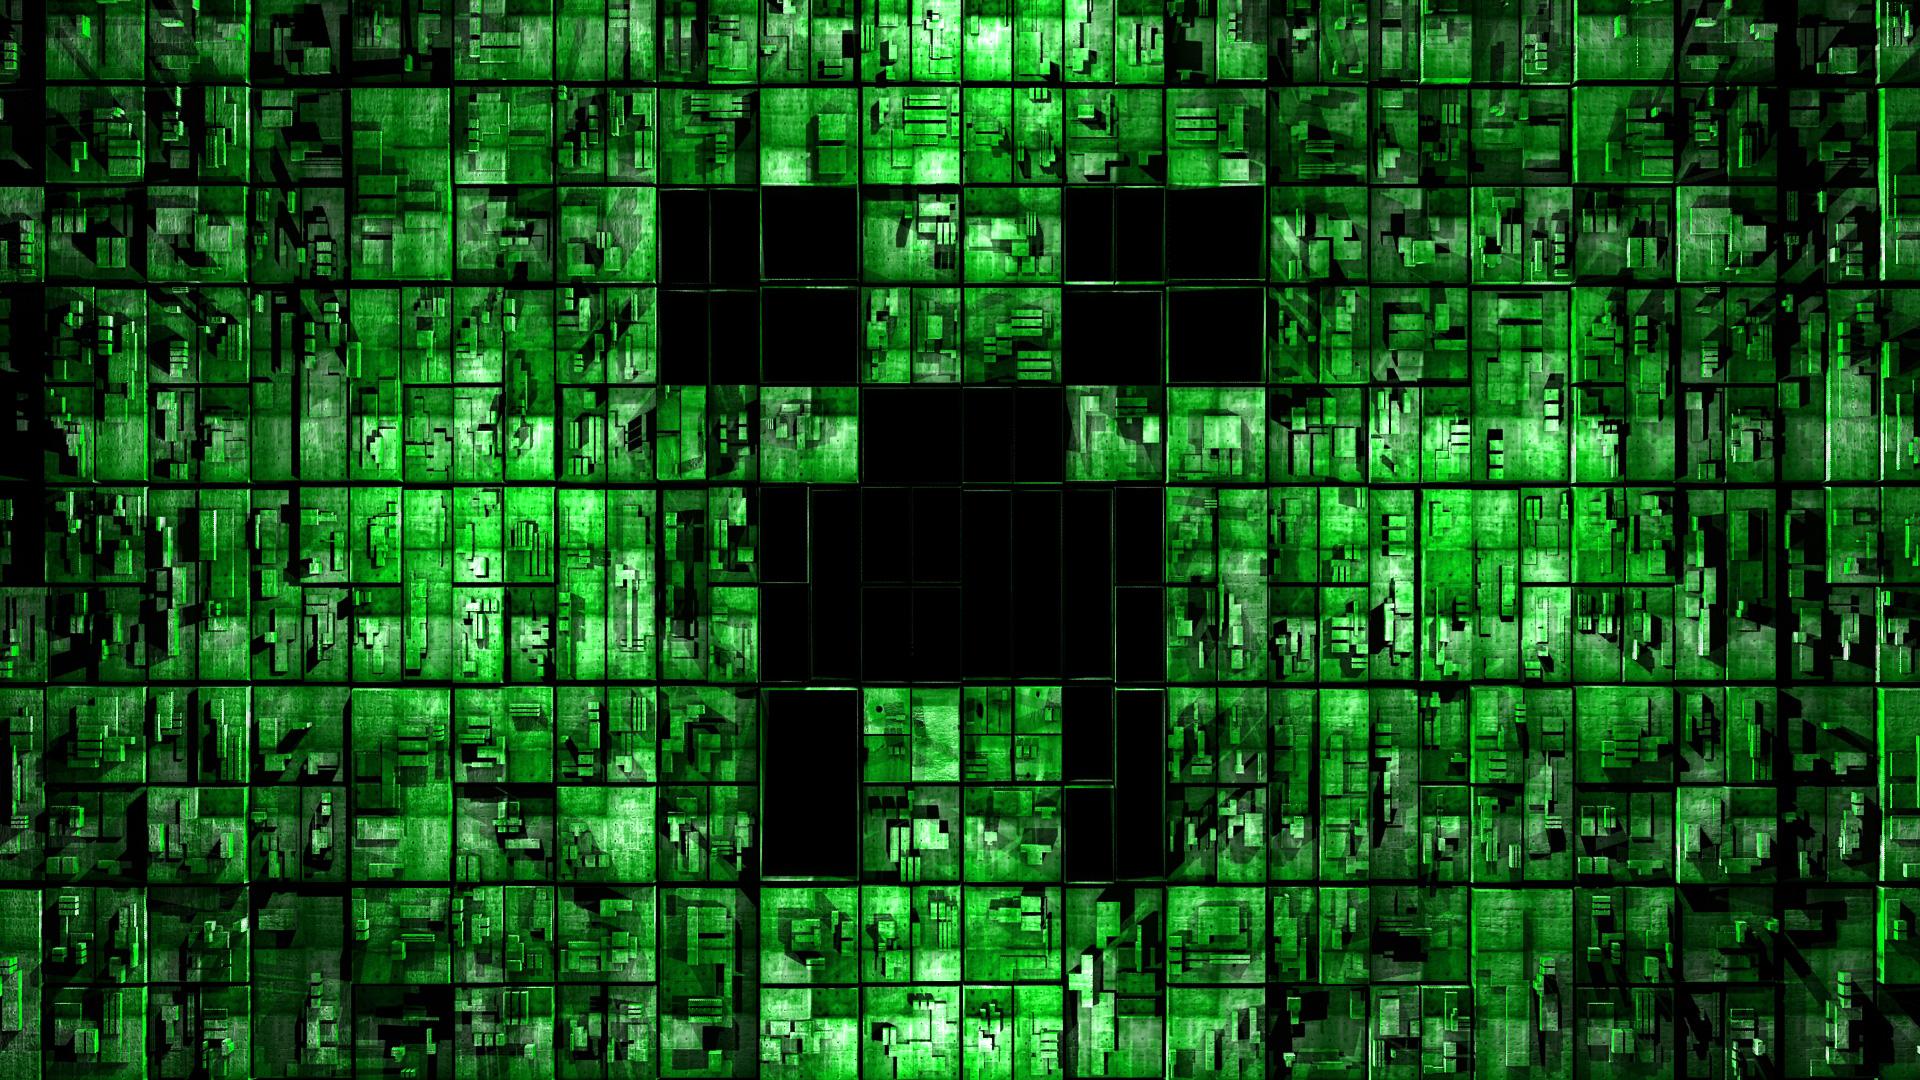 Minecraft Wallpaper Digital Creeper